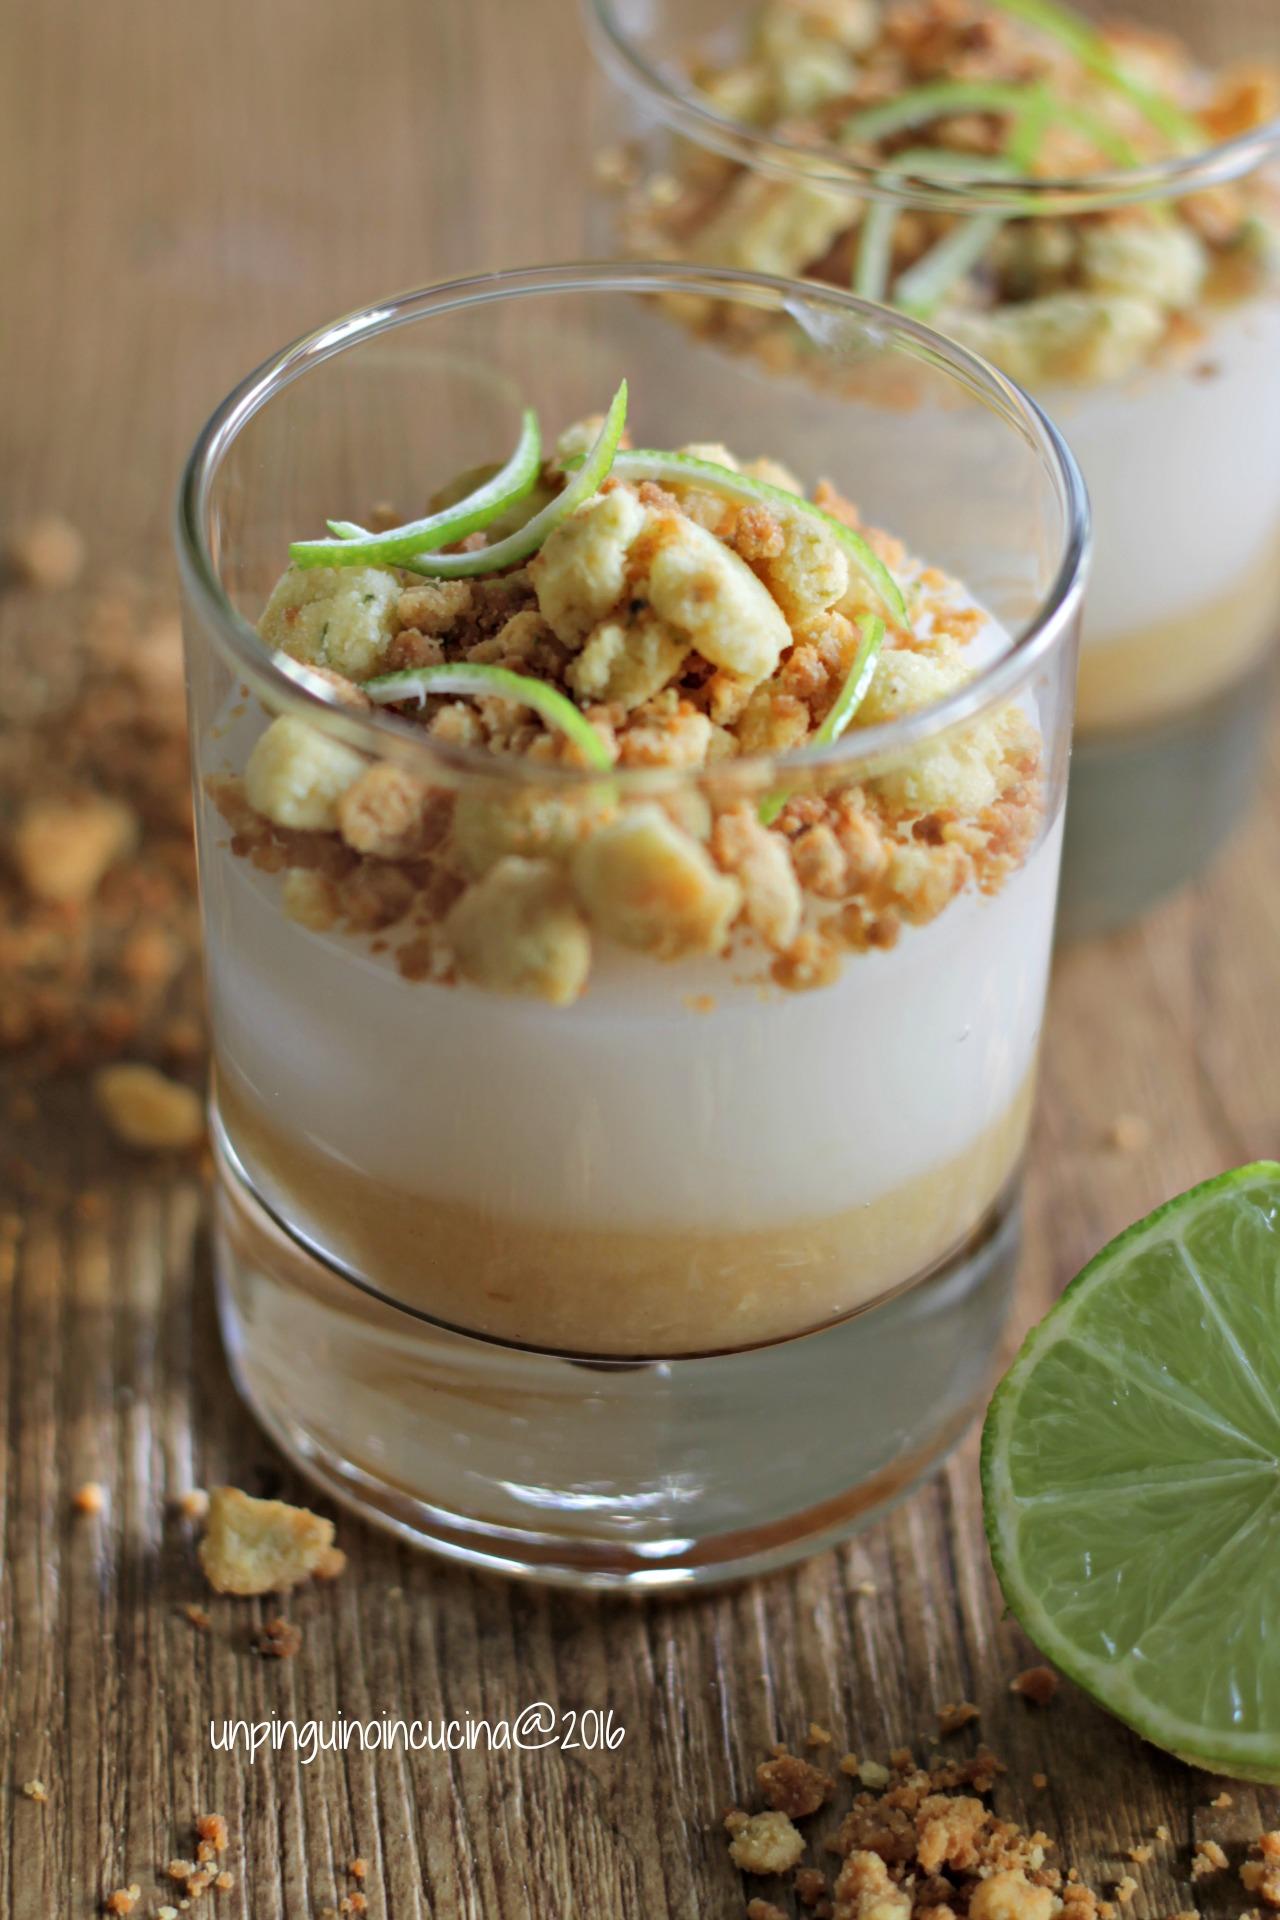 verrine-crema-al-latte-di-cocco-con-crumble-al-lime